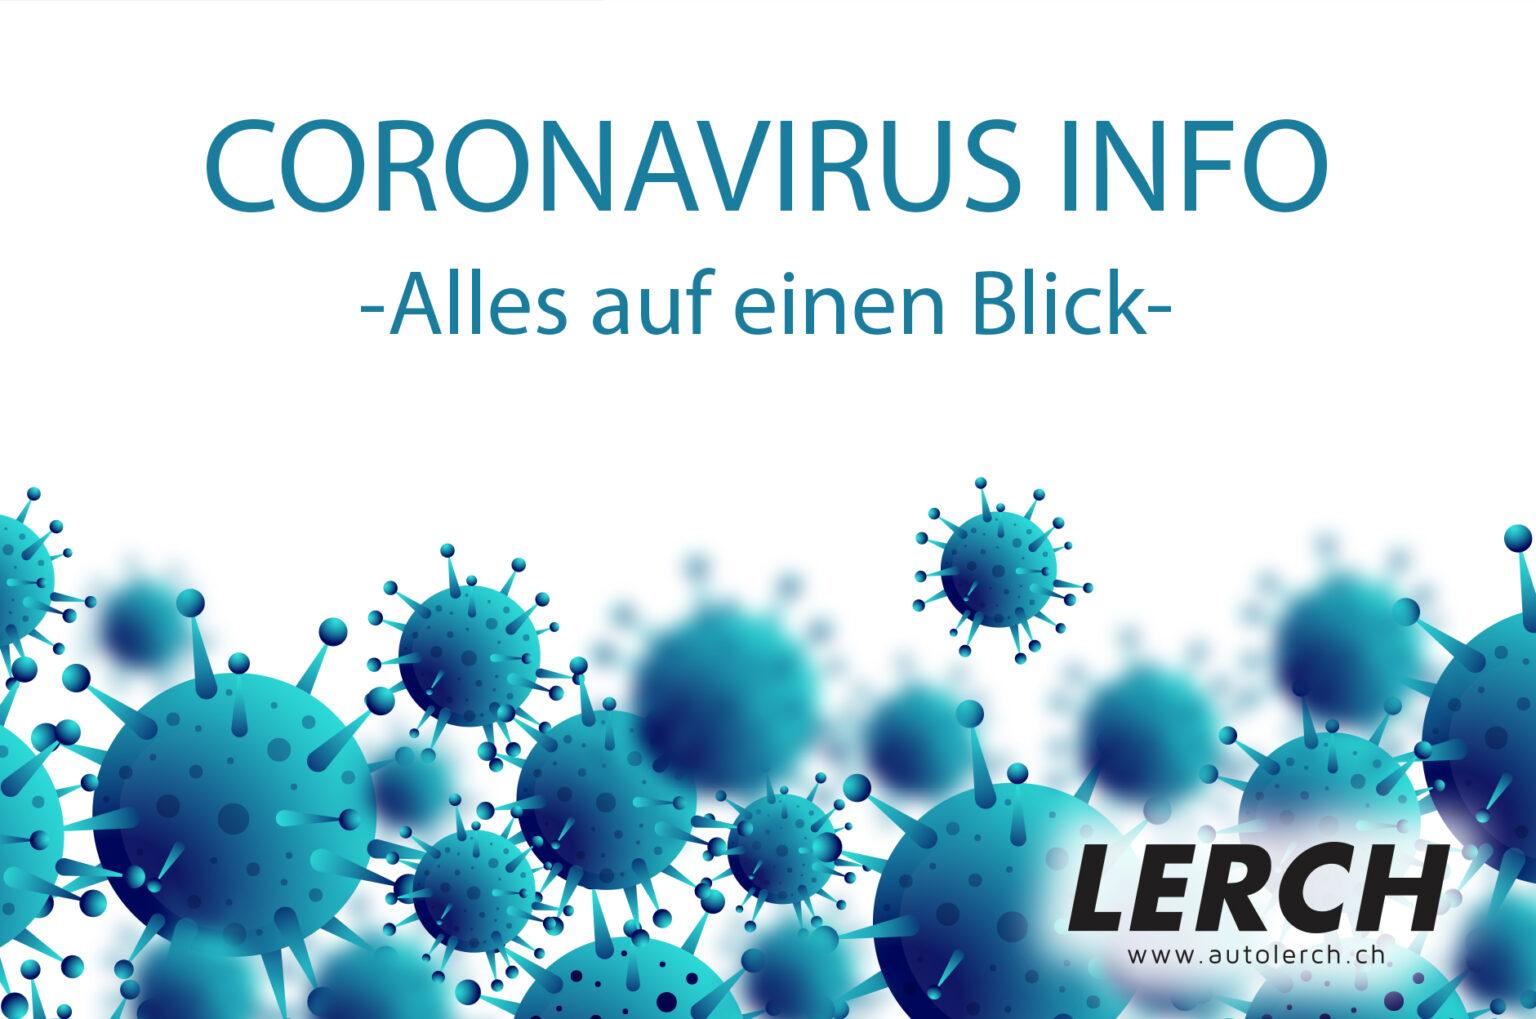 CORONAVIRUS-INFO - Autolerch AG Rothrist 1